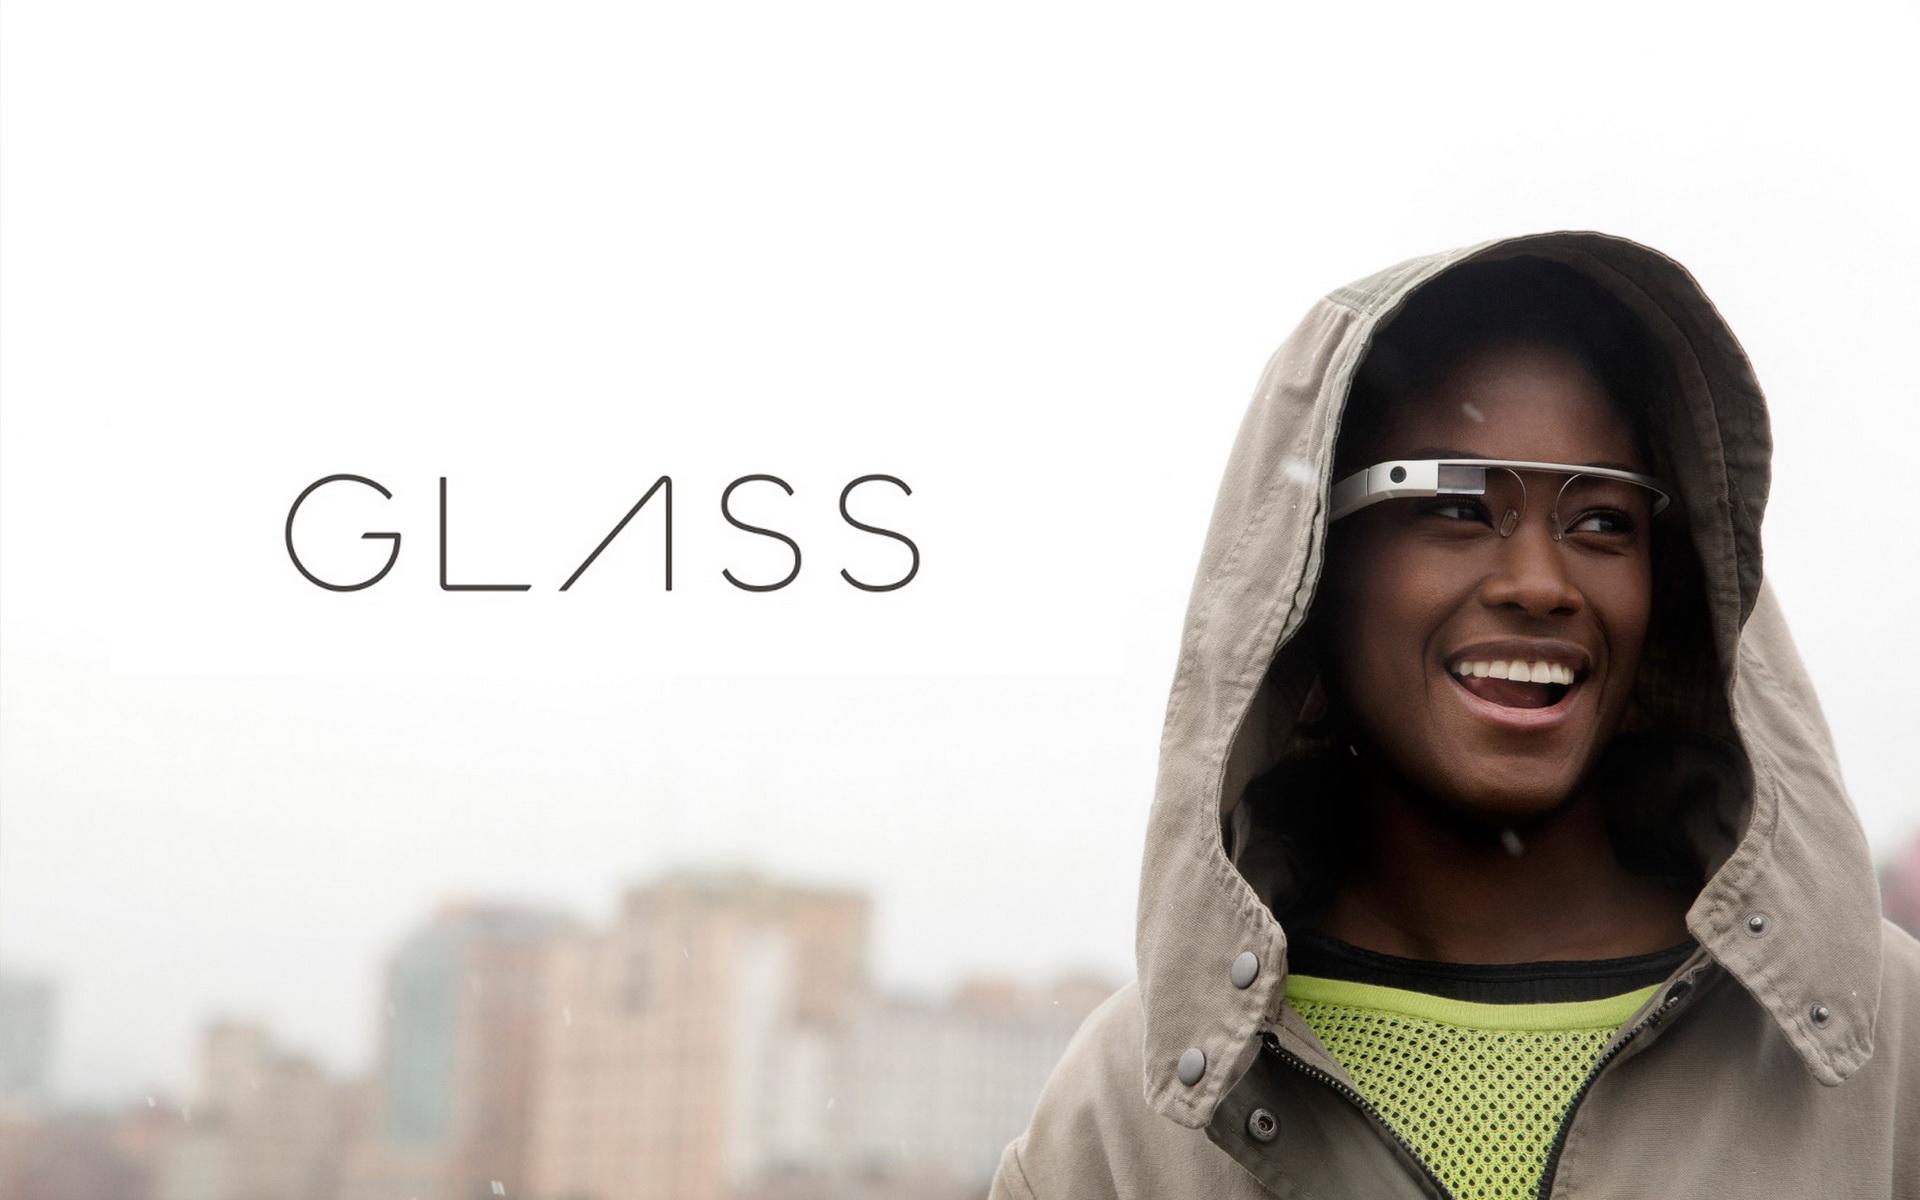 Google organizeaza un hackaton pentru dezvoltatorii Google Glass